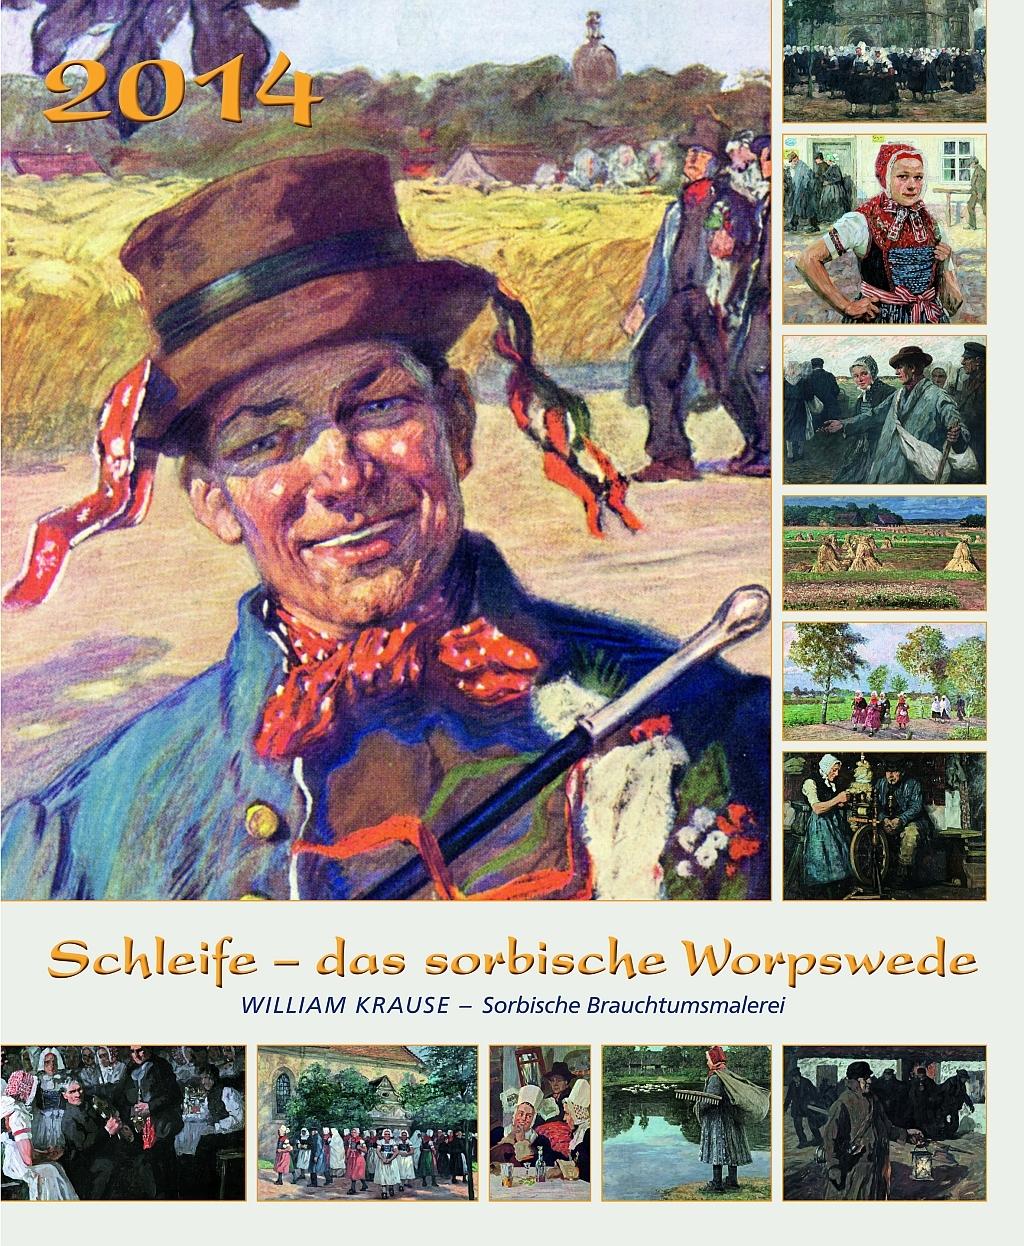 Das Deckblatt vom zweisprachigen Kalender 2014 mit Krause-Reproduktionen, herausgegeben vom Kólesko-Verein Schleife.